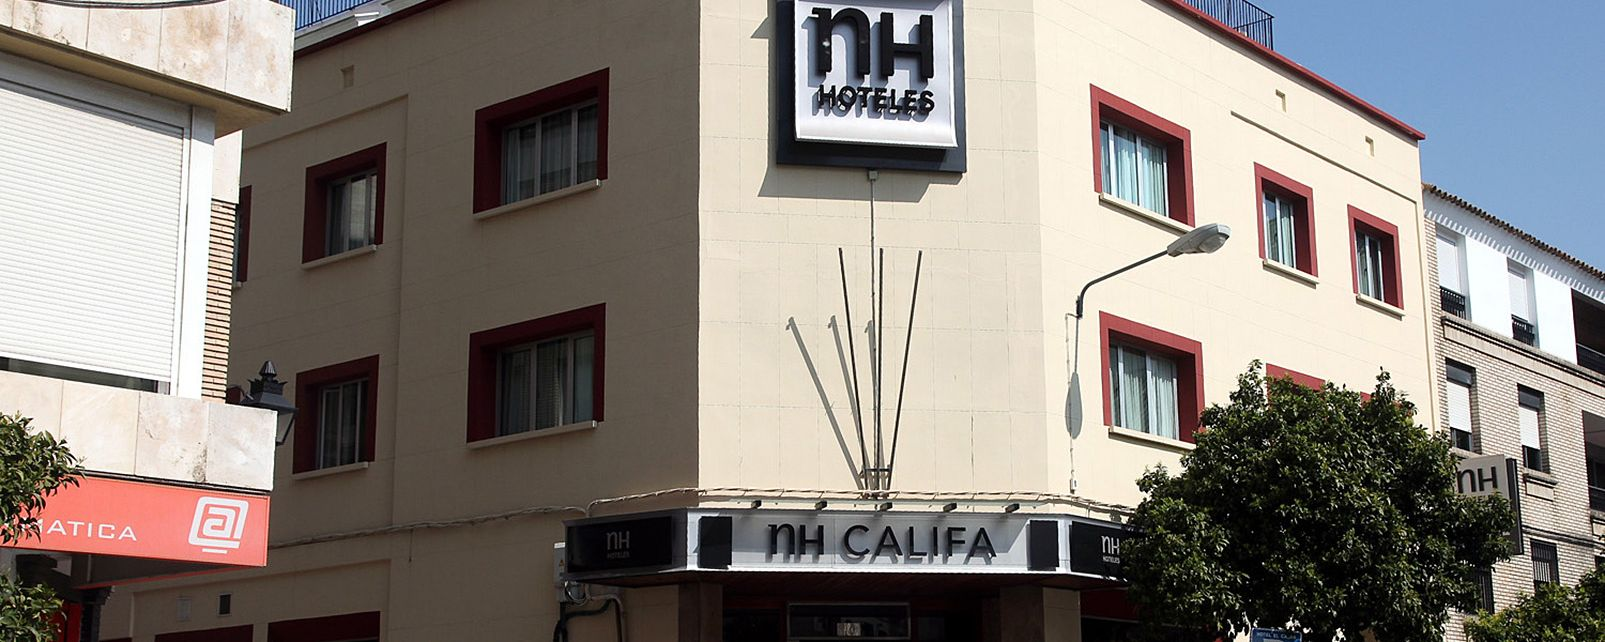 Hôtel NH Califa Córdoba